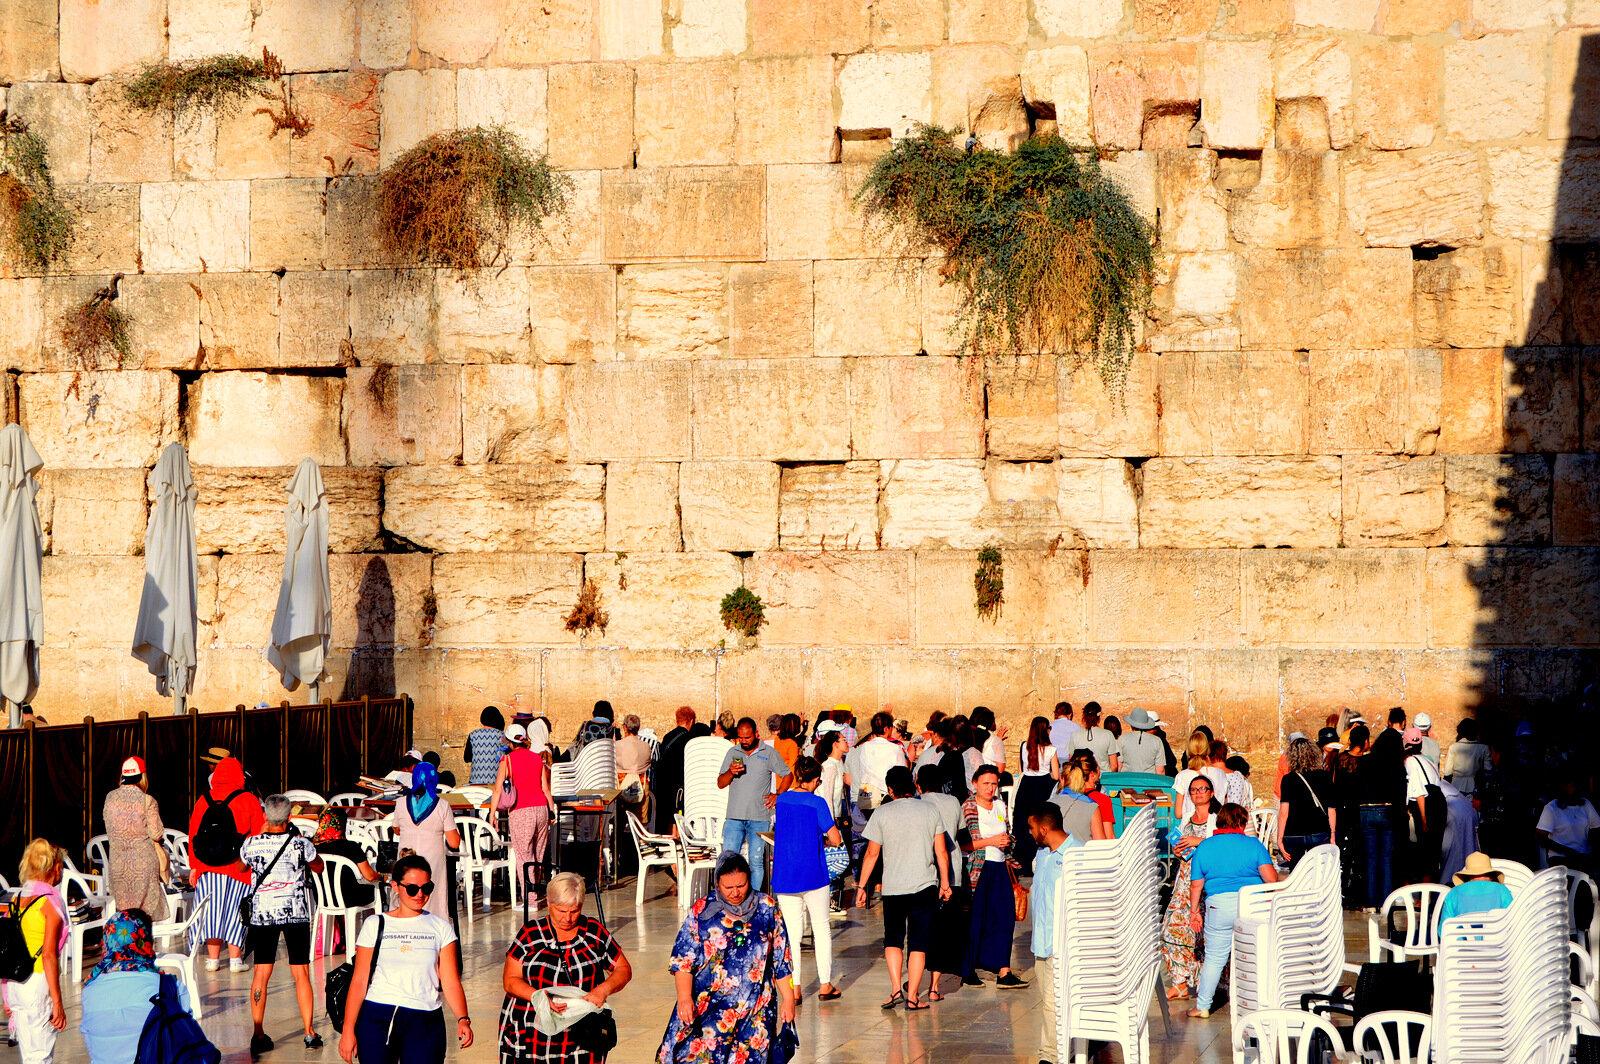 ИЗРАИЛЬ, Иерусалим. Храм Гроба Господня, Еврейский квартал, 27.09.2019 (продолжение)